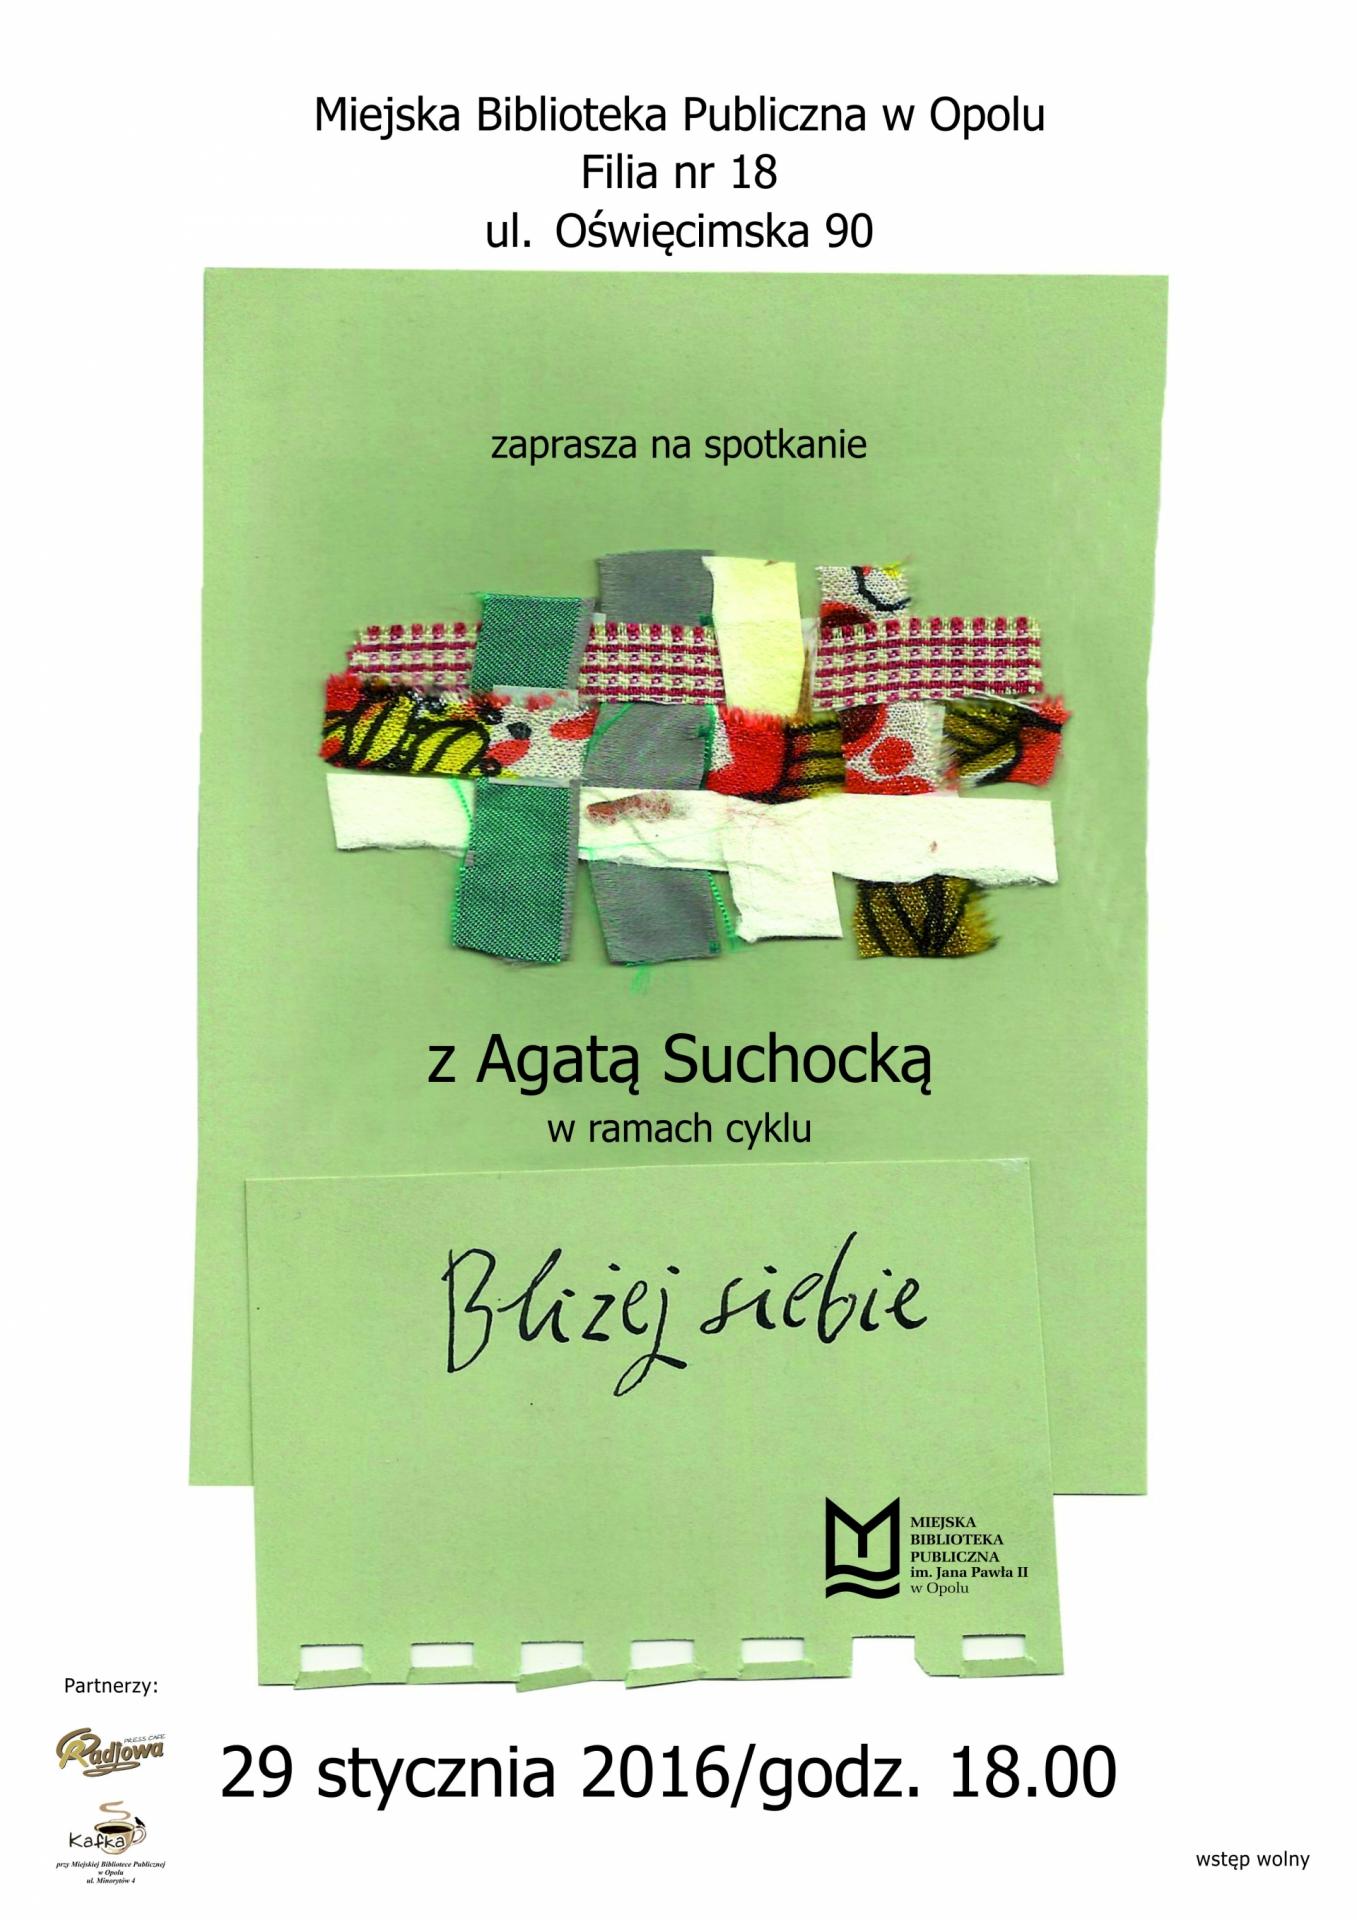 Spotkanie z Agatą Suchocką